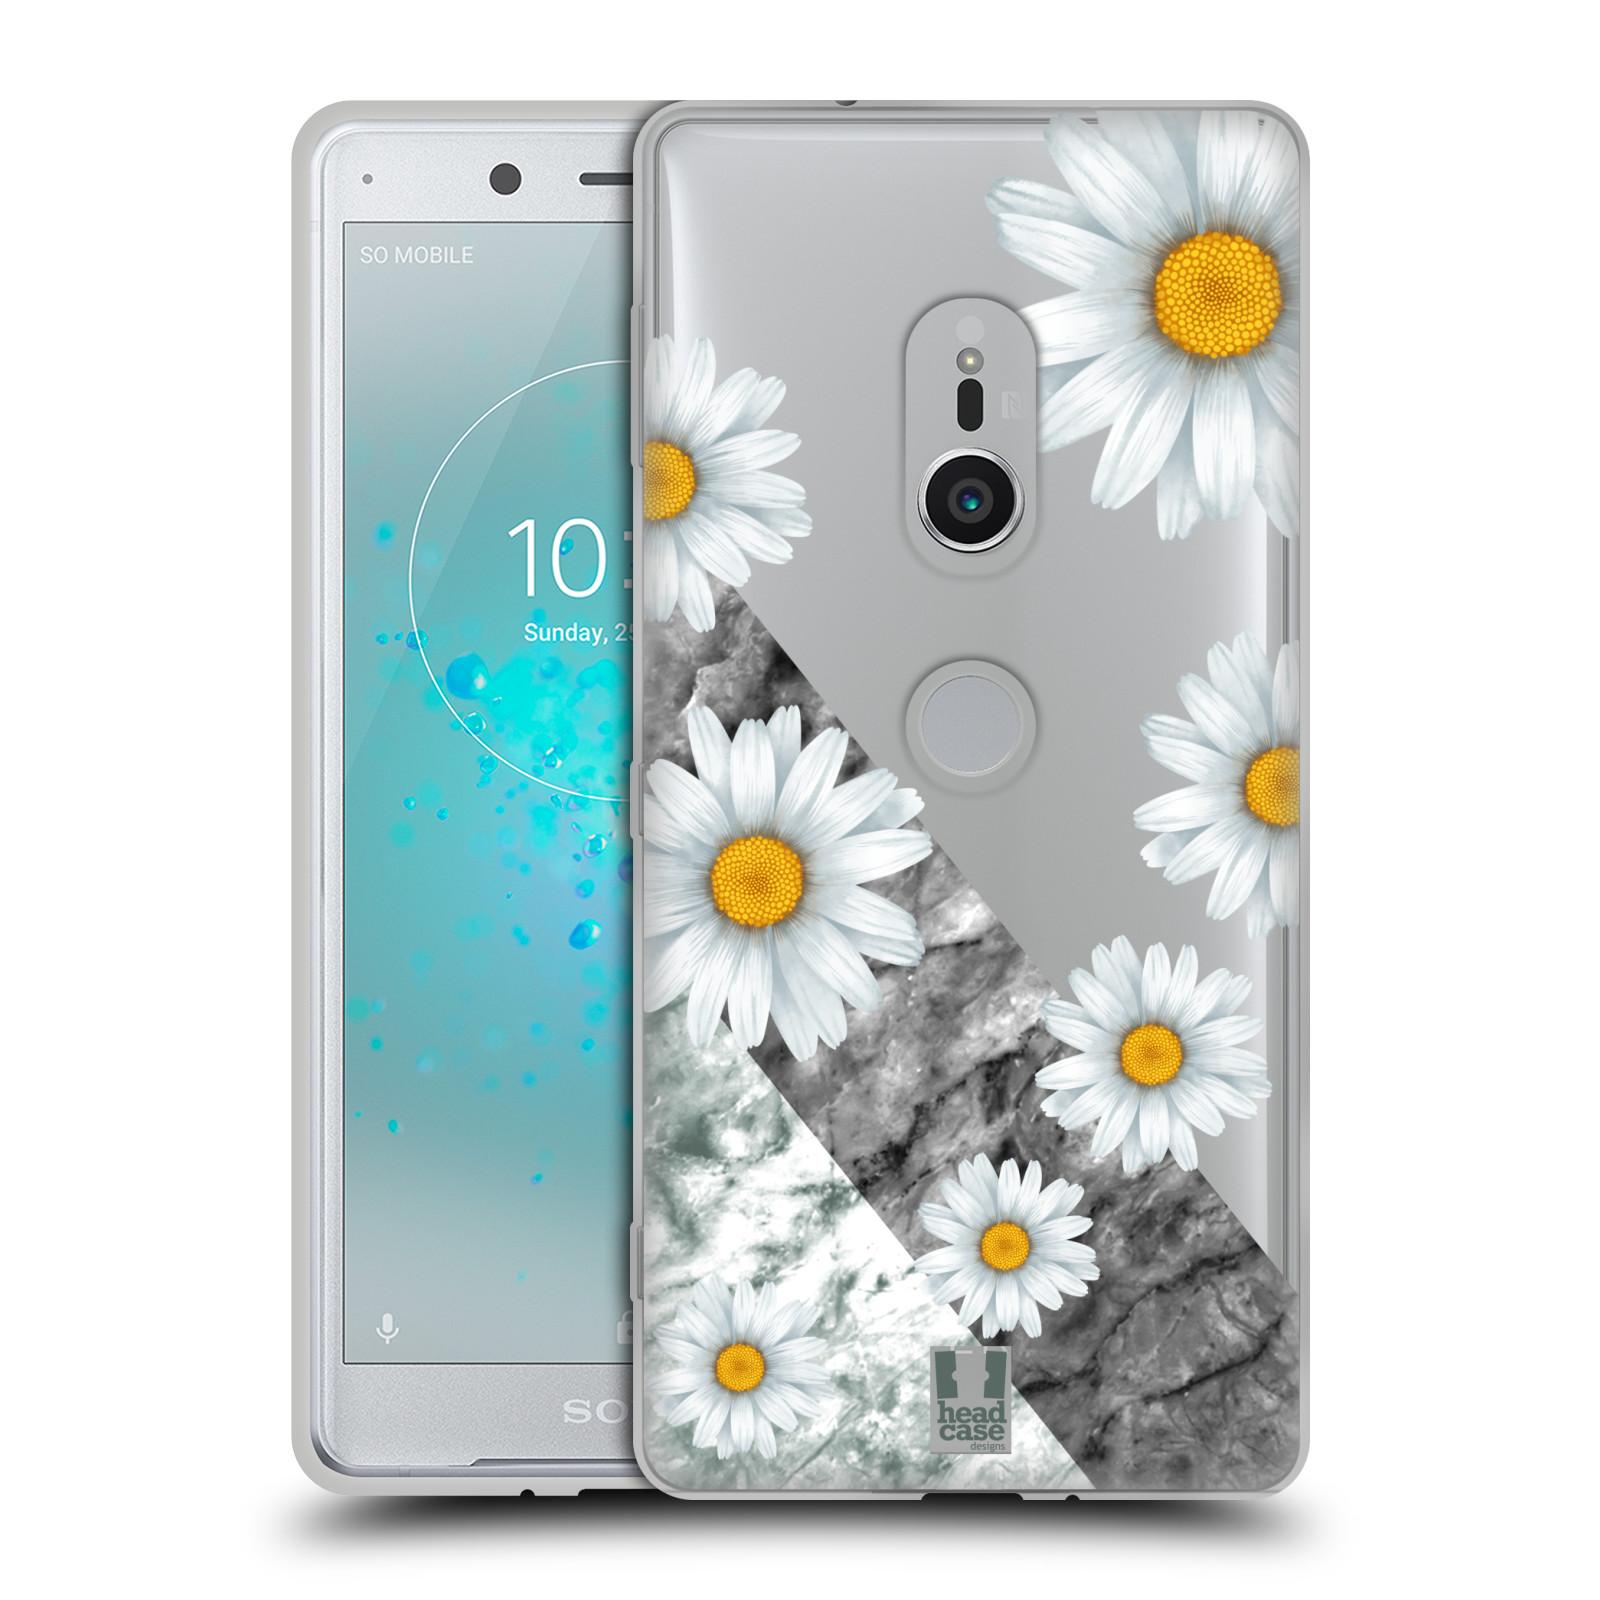 Silikonové pouzdro na mobil Sony Xperia XZ2 - Head Case - Kopretiny a mramor